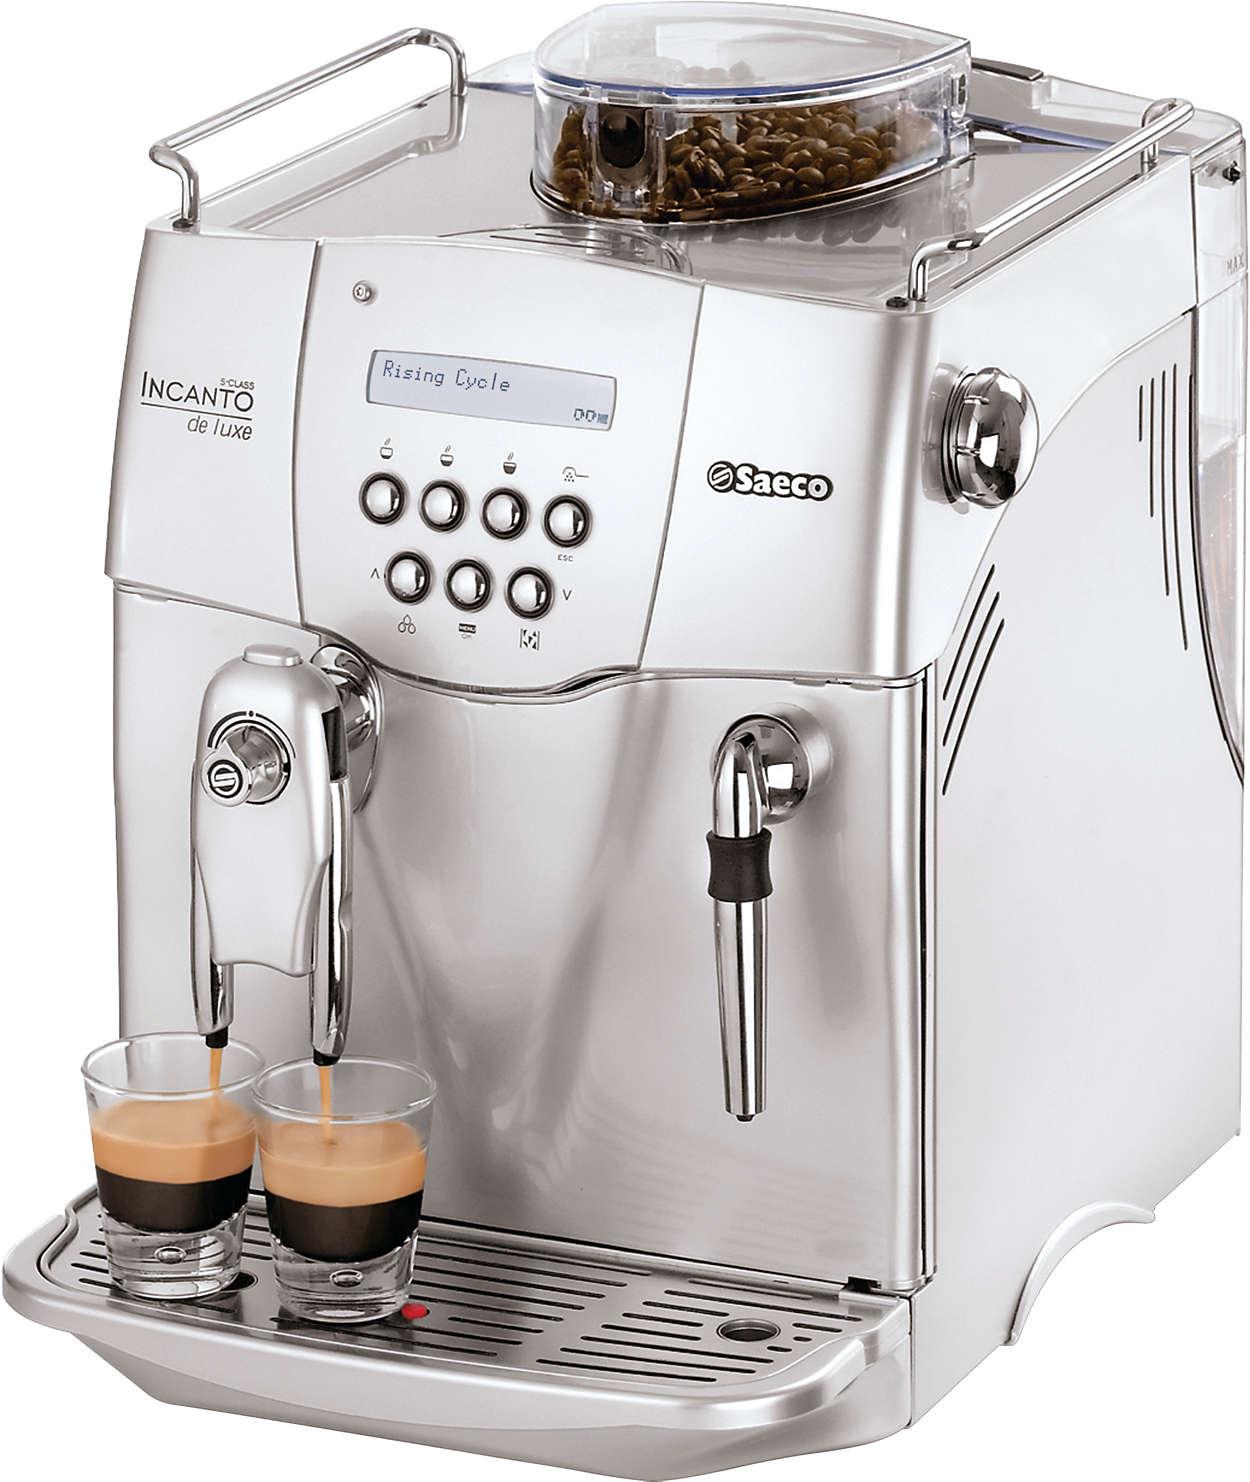 incanto super automatic espresso machine ri9724 47 saeco. Black Bedroom Furniture Sets. Home Design Ideas